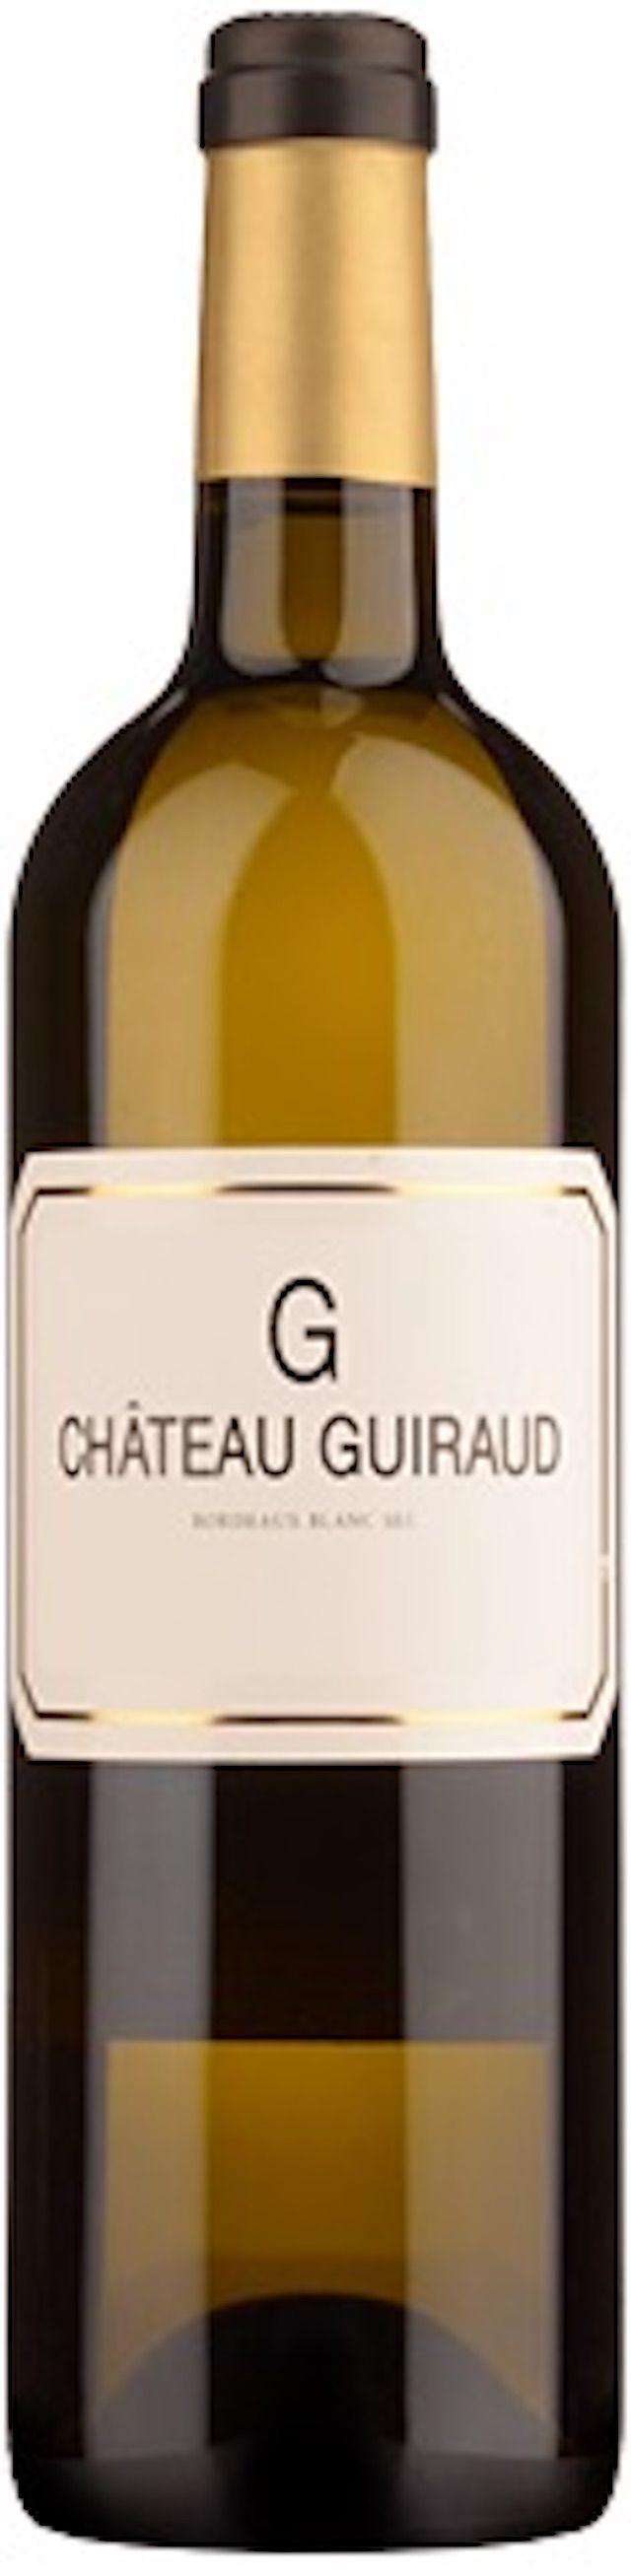 Château Guiraud Bordeaux Blanc le G